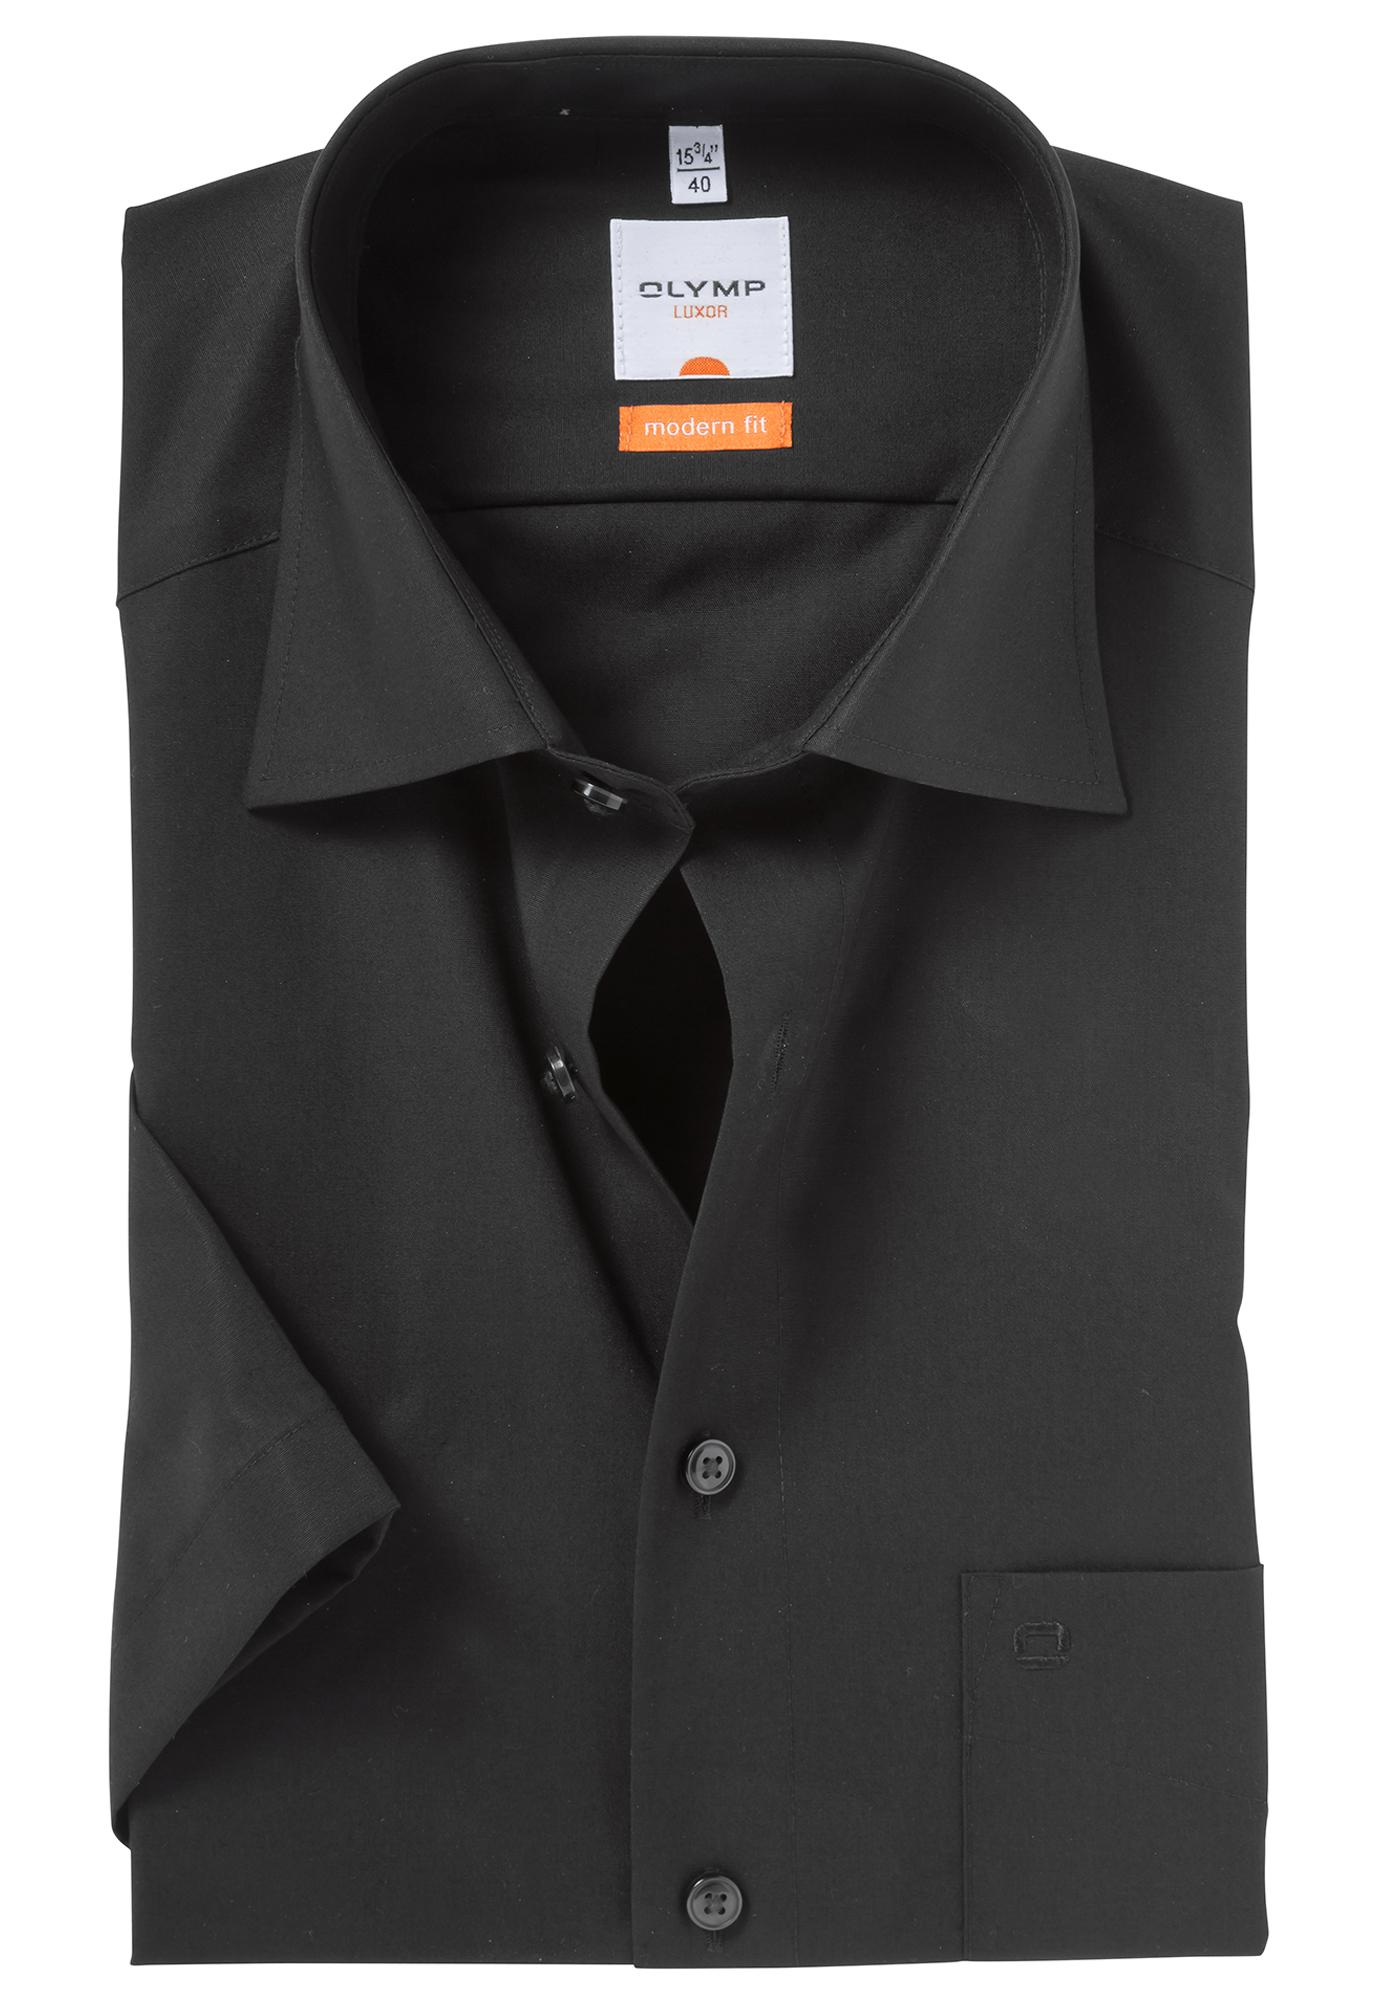 olymp modern fit overhemd korte mouw zwart gratis bezorgd. Black Bedroom Furniture Sets. Home Design Ideas